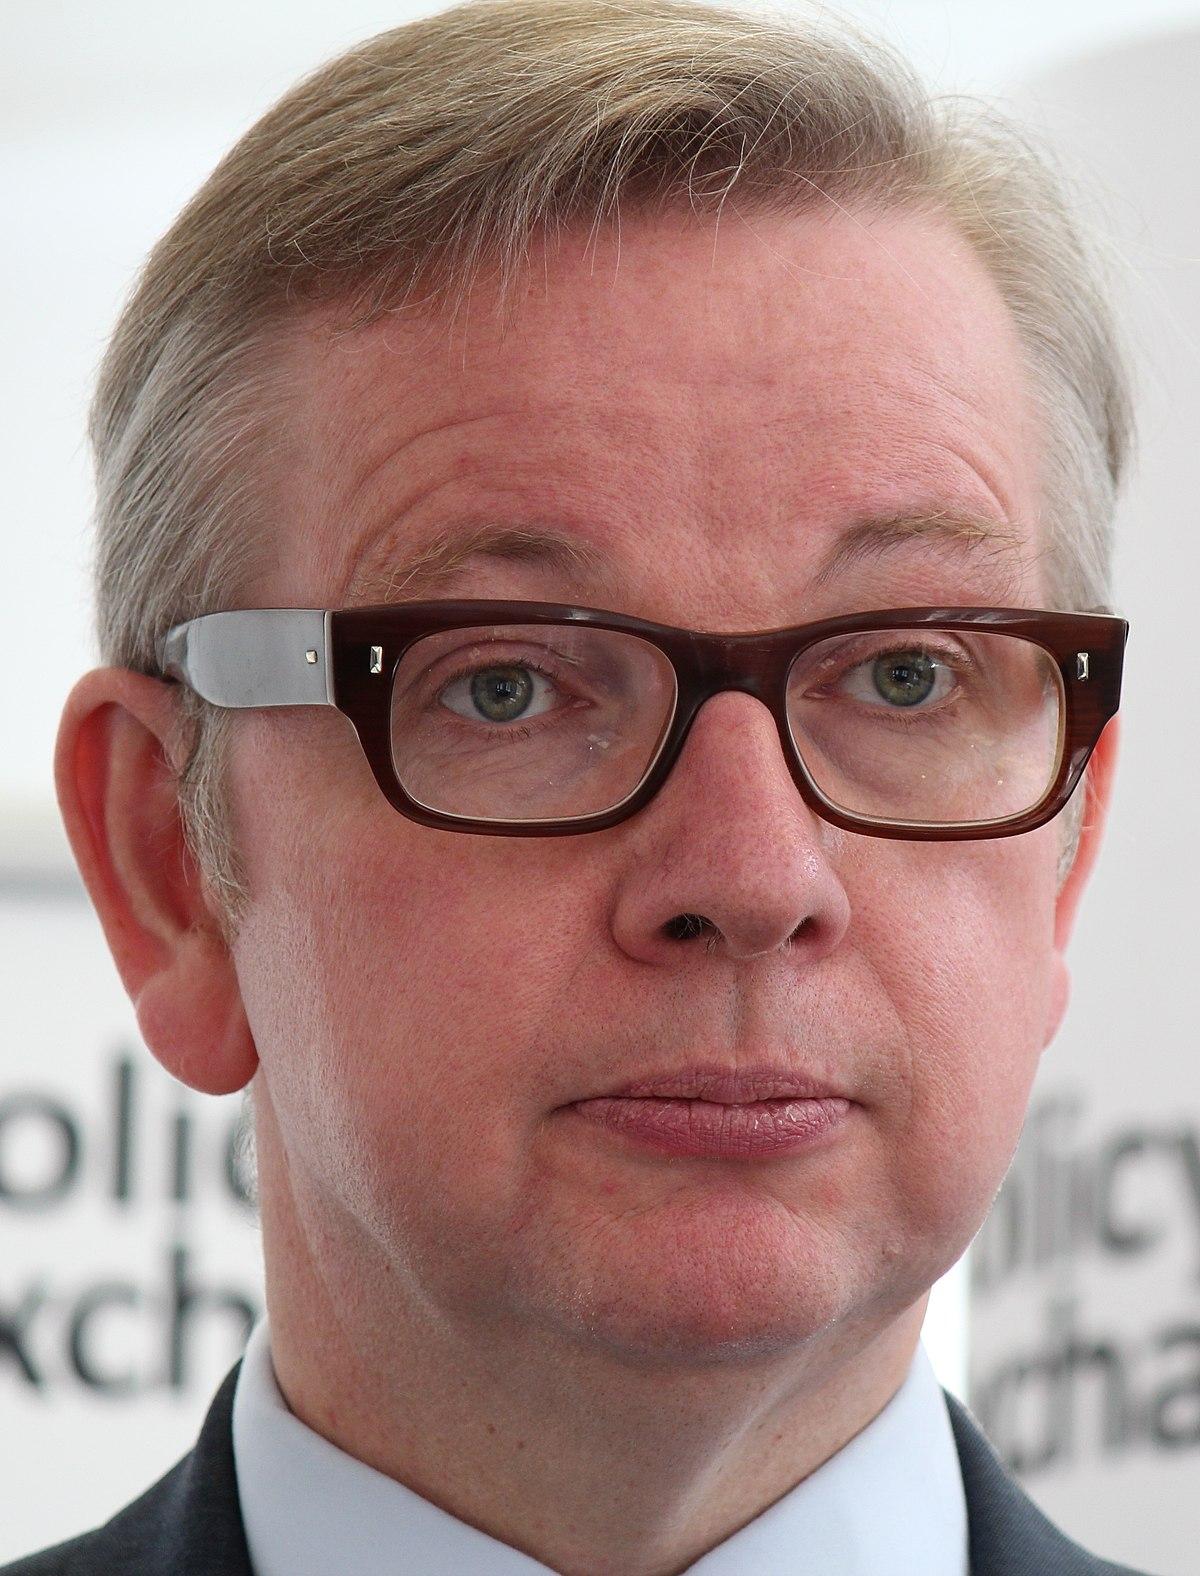 Michael Gove Wikipedia